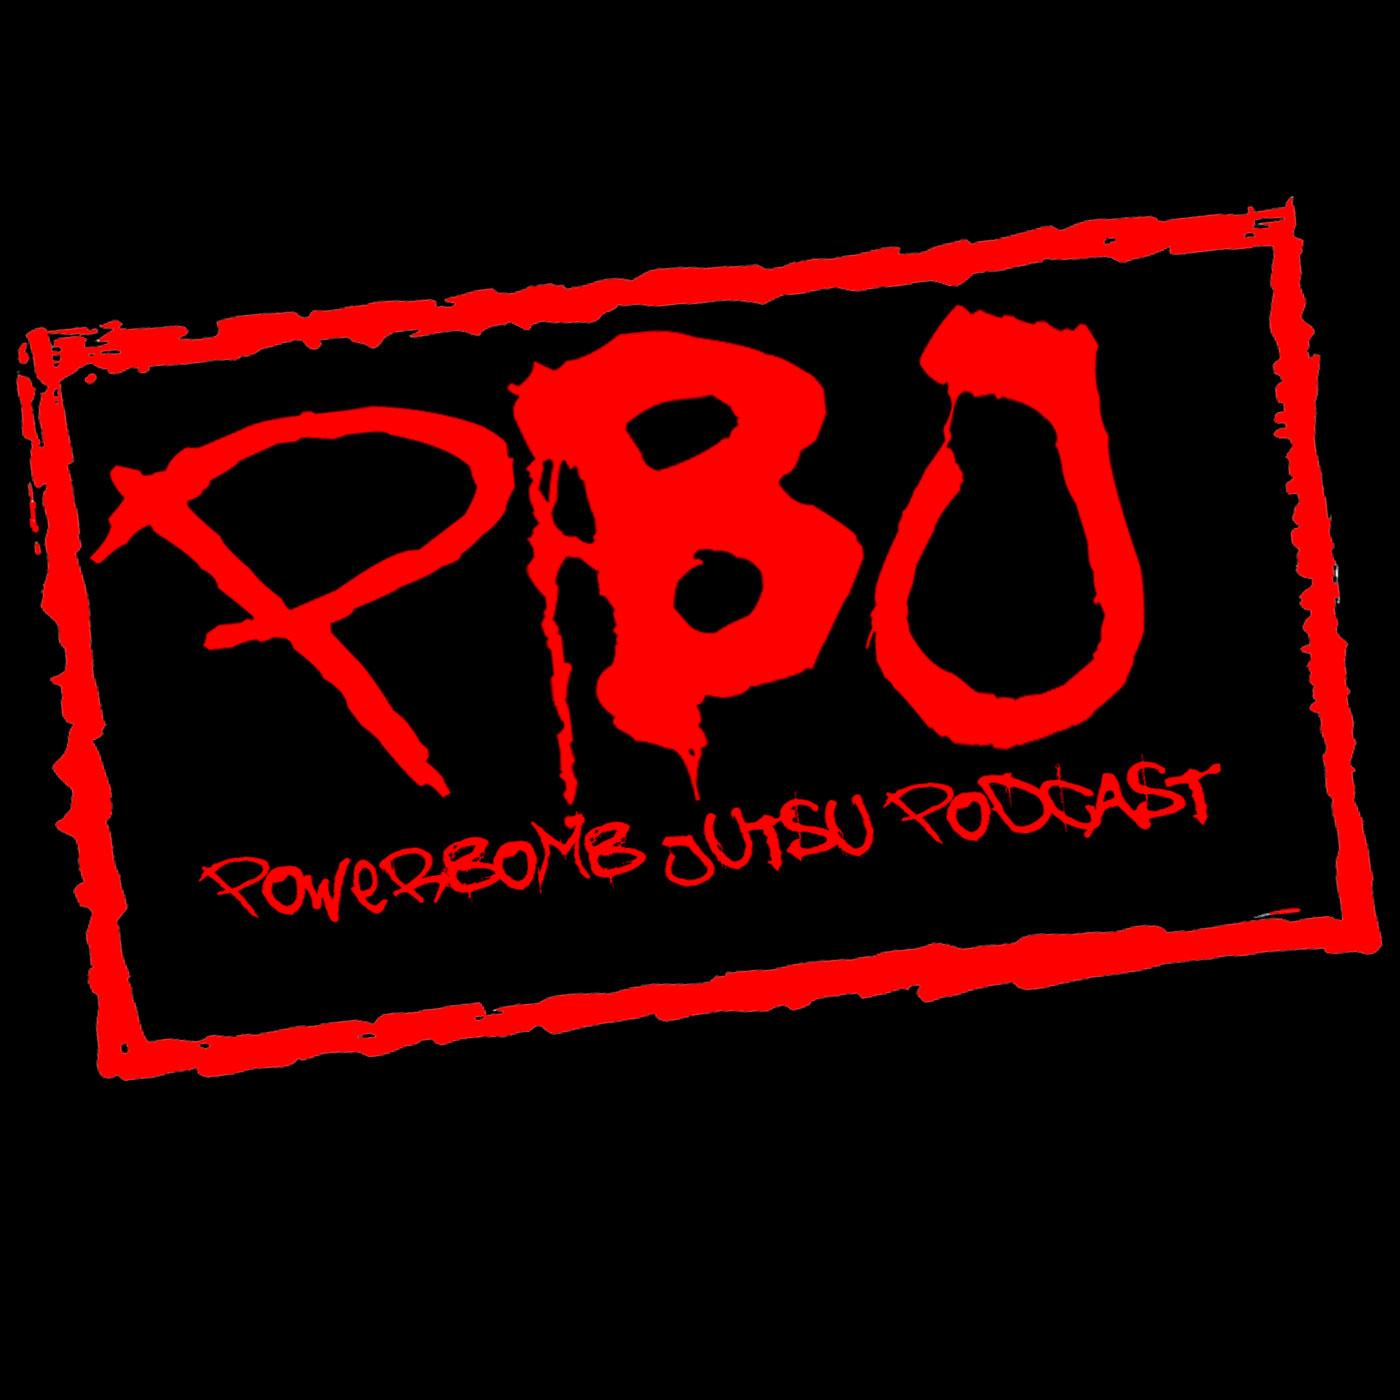 Powerbomb Jutsu